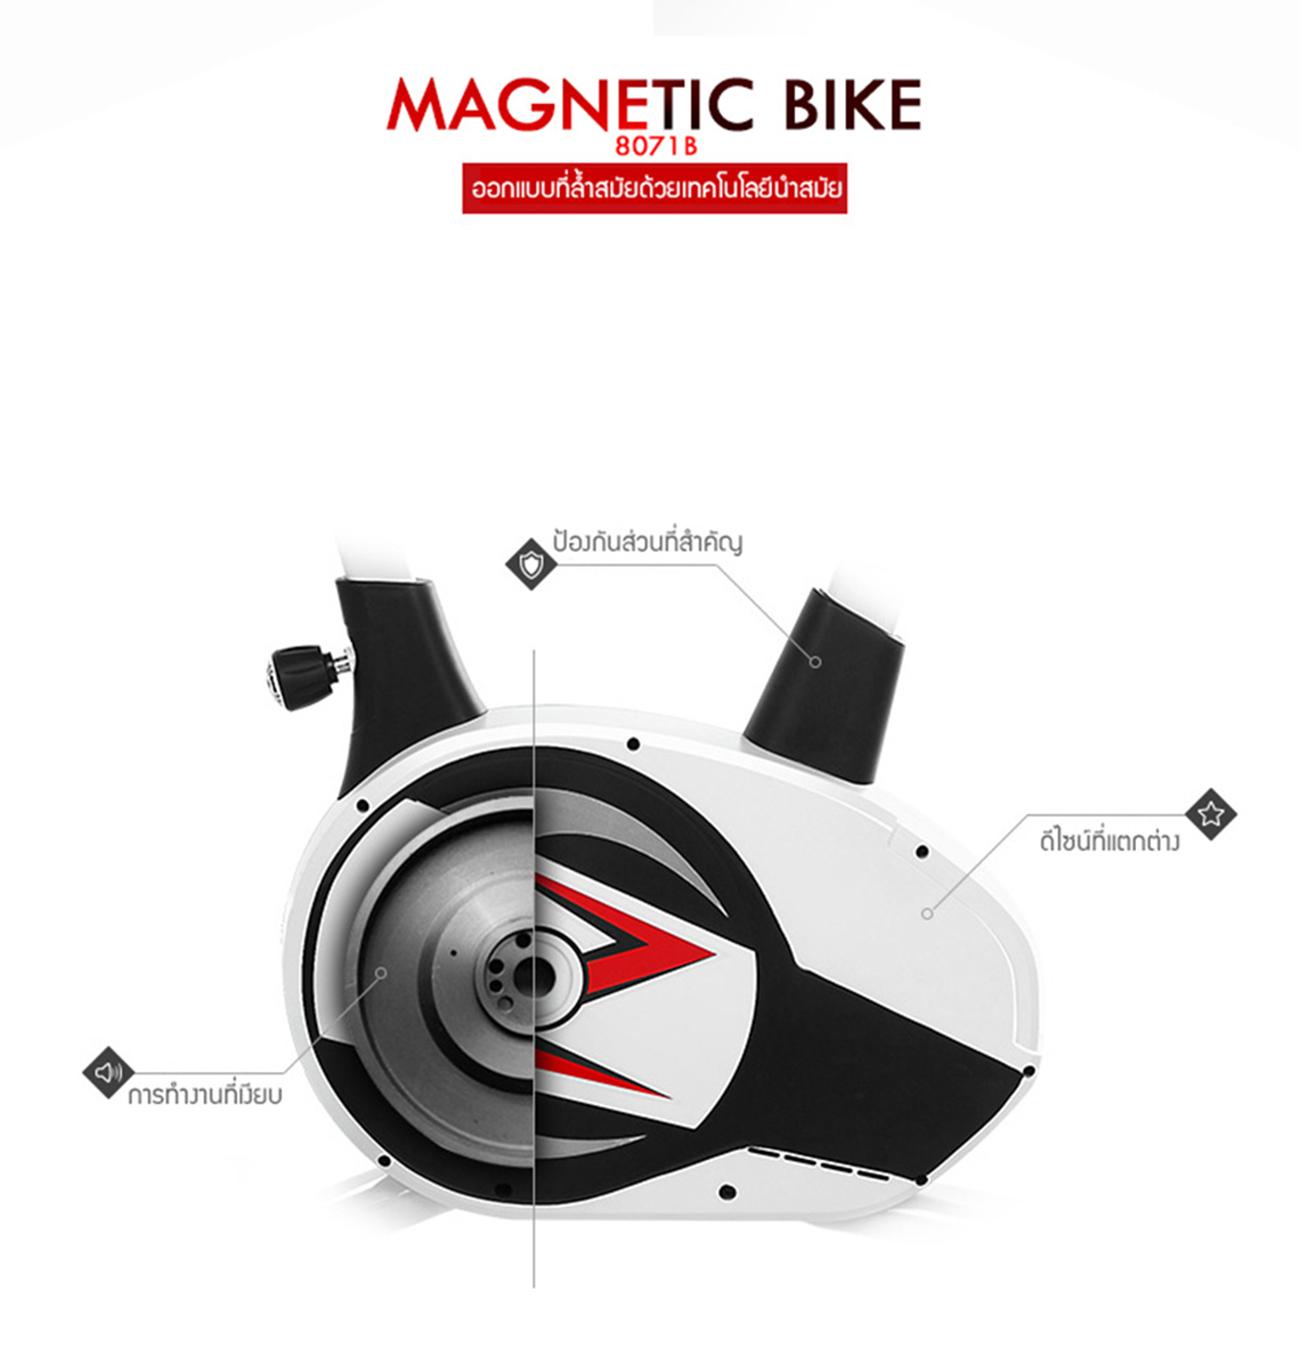 จักรยานนั่งปั่นออกกำลังกาย Magnetic Bike 8071B สีแดง